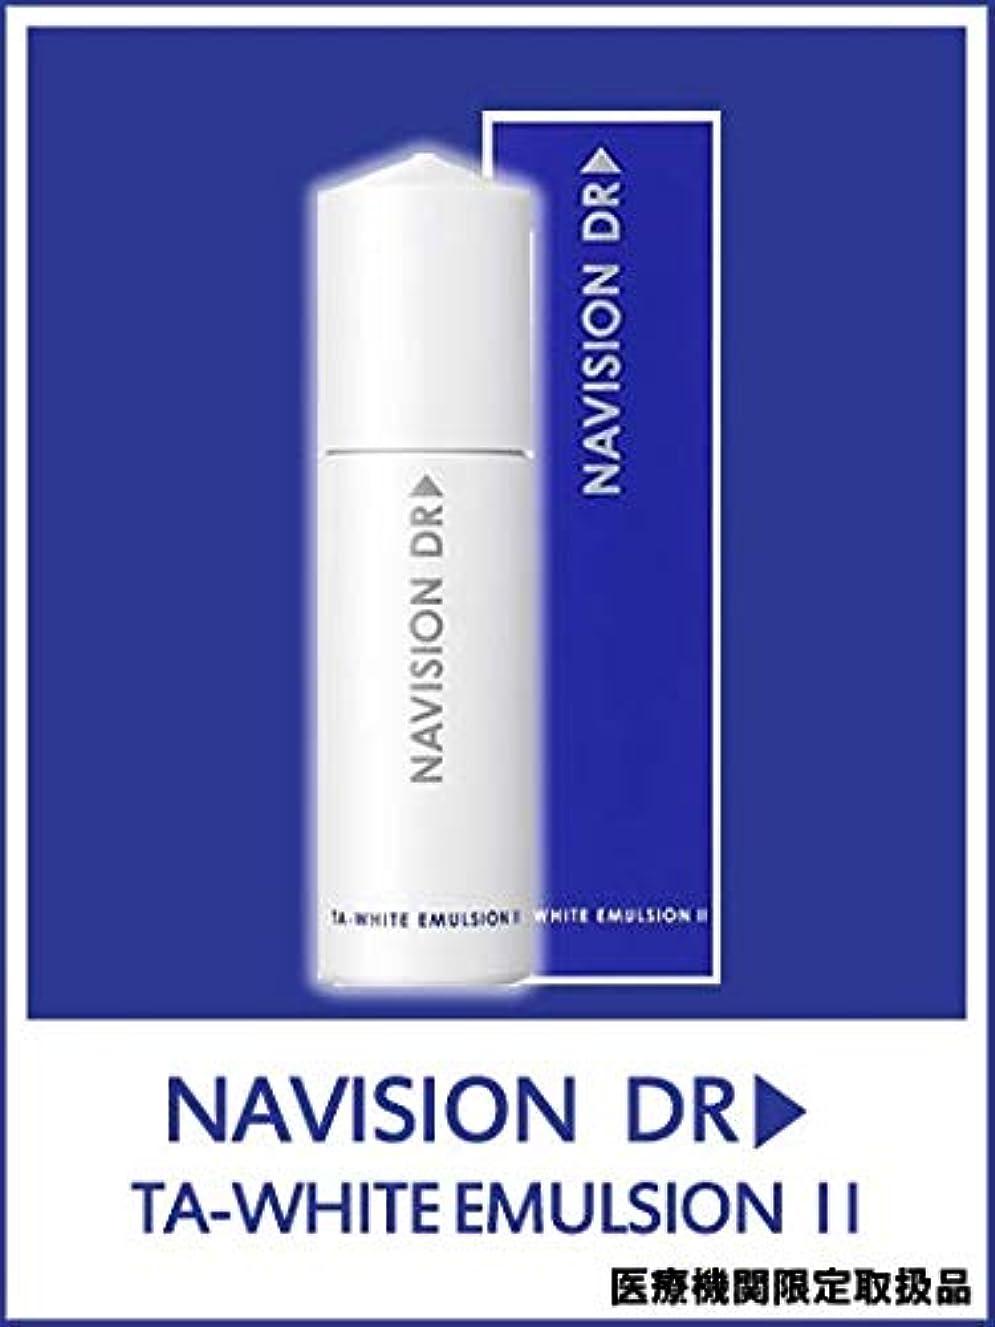 チョコレート縁蒸留するNAVISION DR? ナビジョンDR TAホワイトエマルジョンⅡnしっとりうるおうタイプ(医薬部外品) 120mL